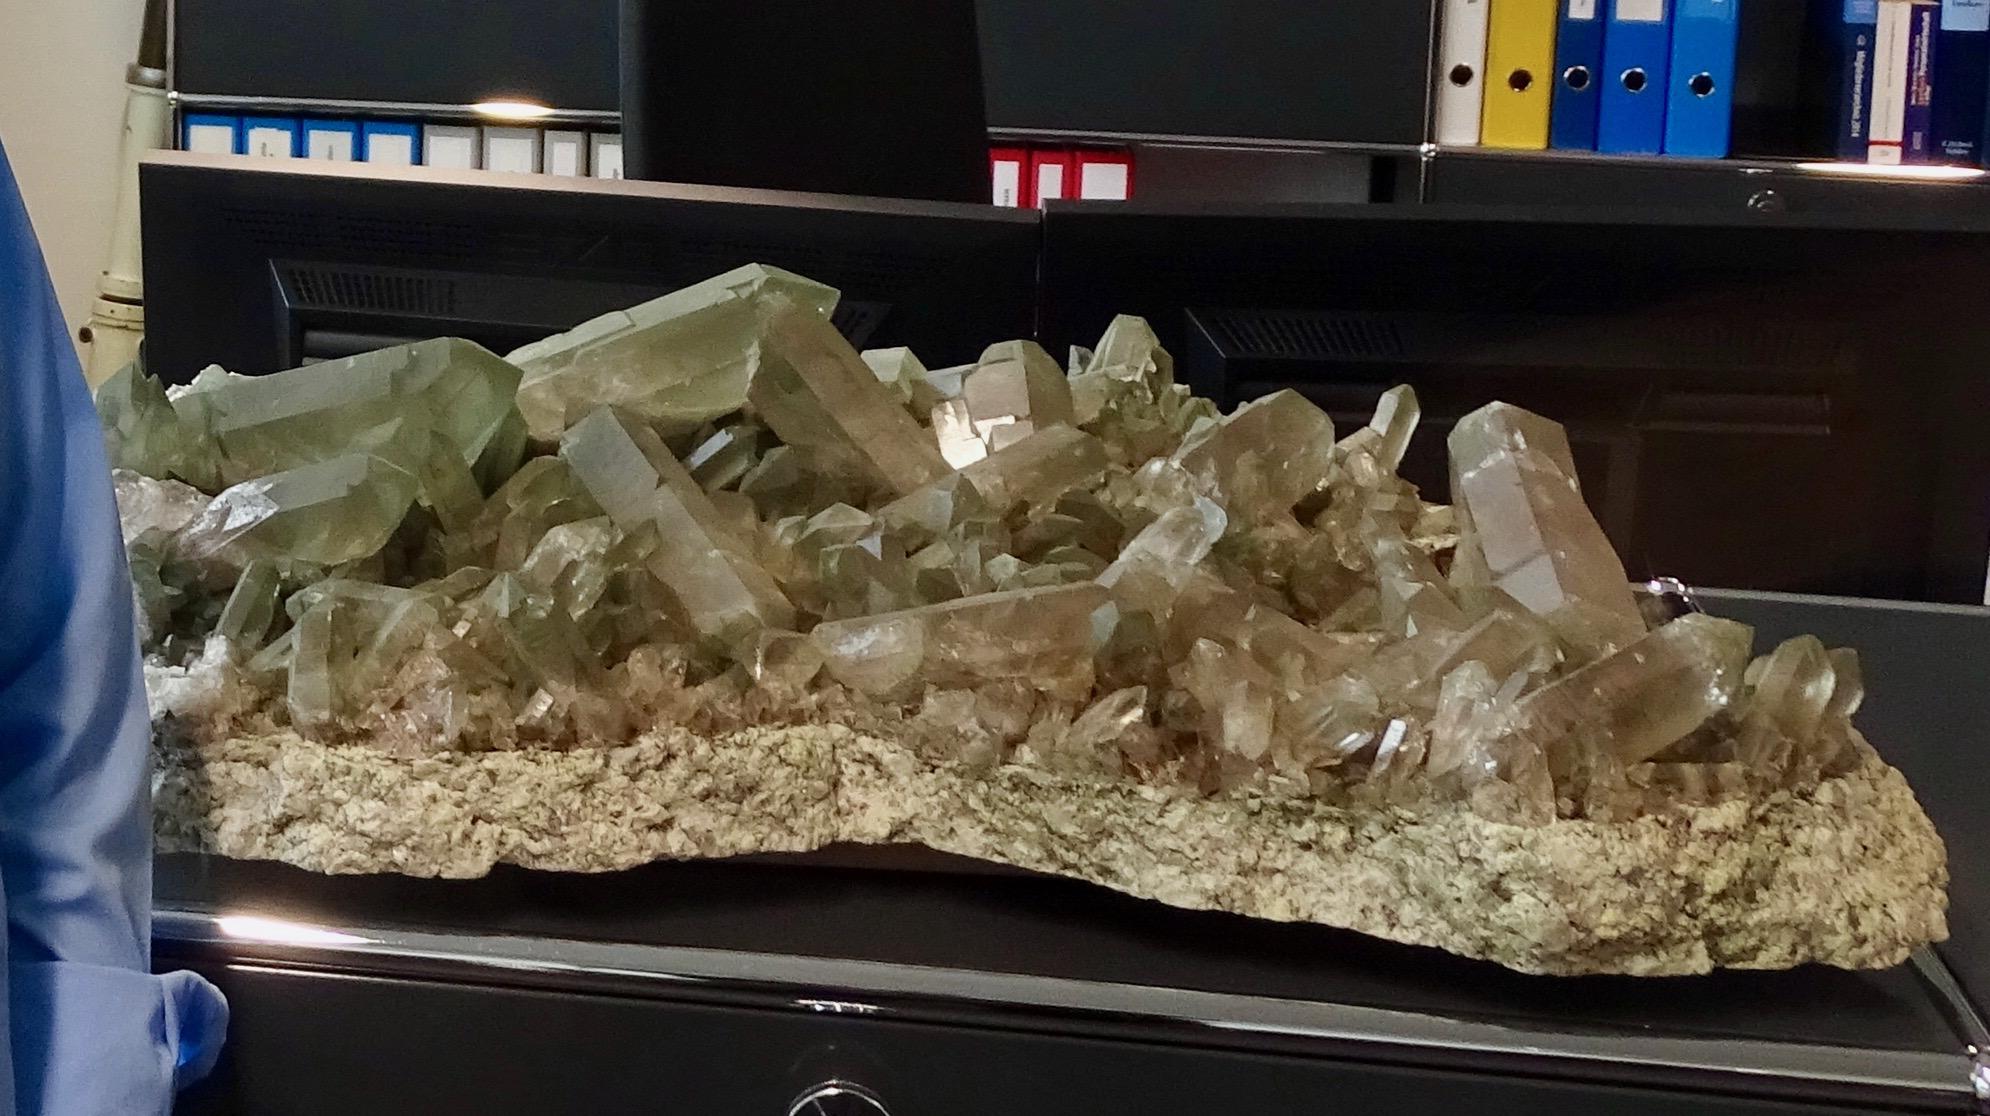 Der 15 Millionen Jahre alte Kristall in seinem Büro hat für Bruno Staffelbach eine grosse Bedeutung: «Die einzelnen Kristalle erscheinen chaotisch verteilt, und trotzdem verkörpern sie klare physikalische Gesetze.»